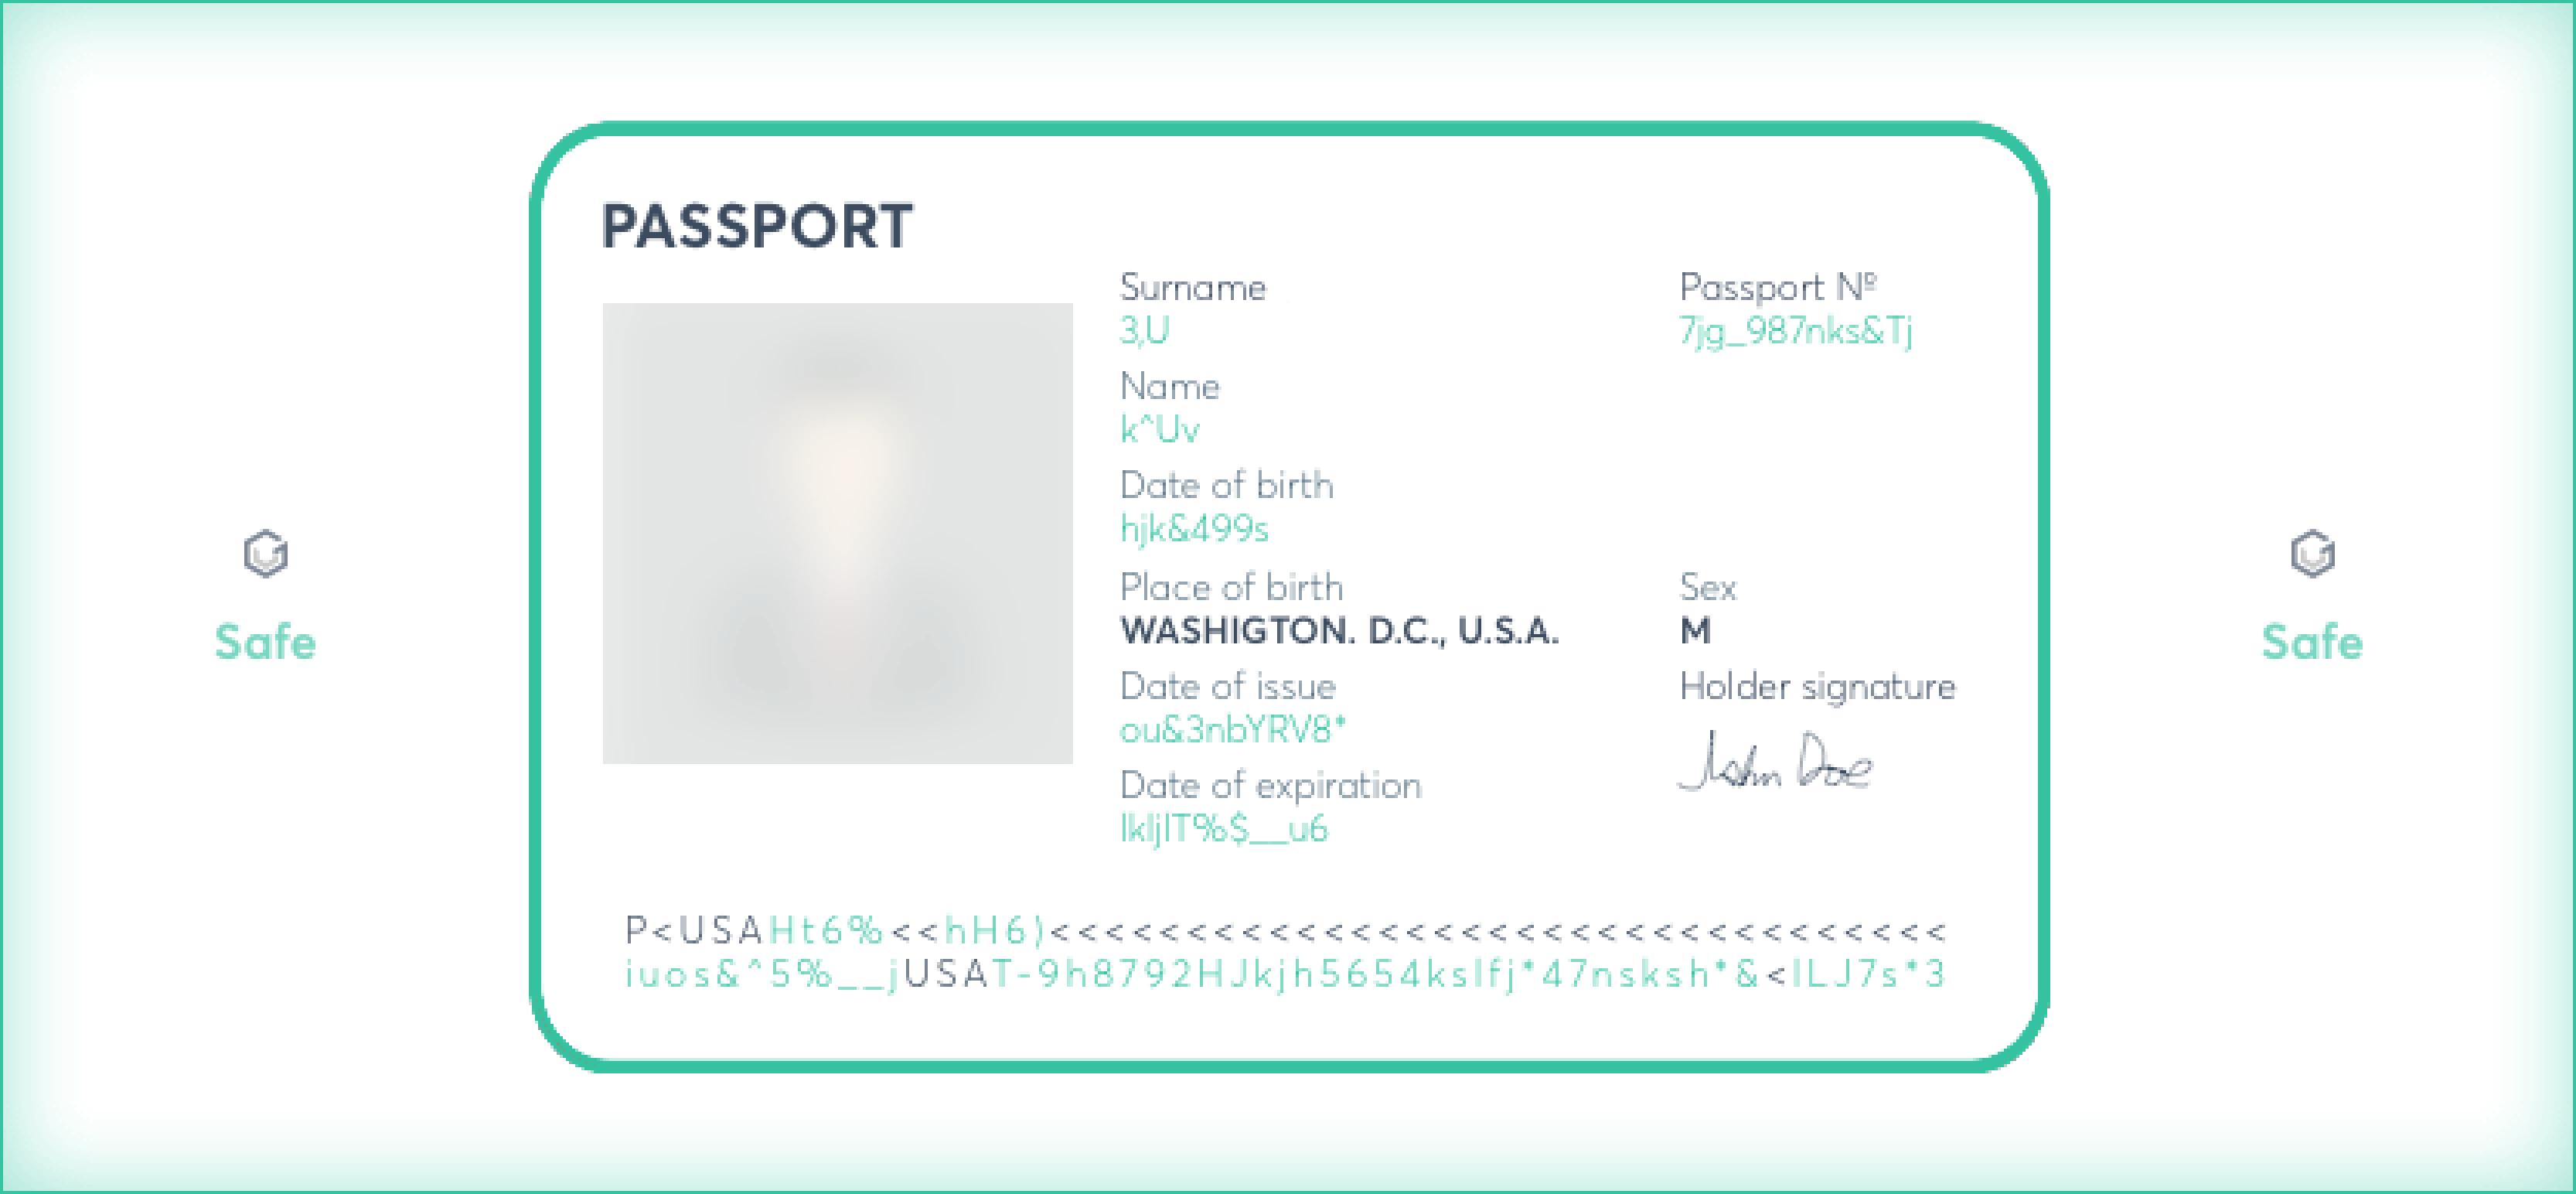 Redacted passport